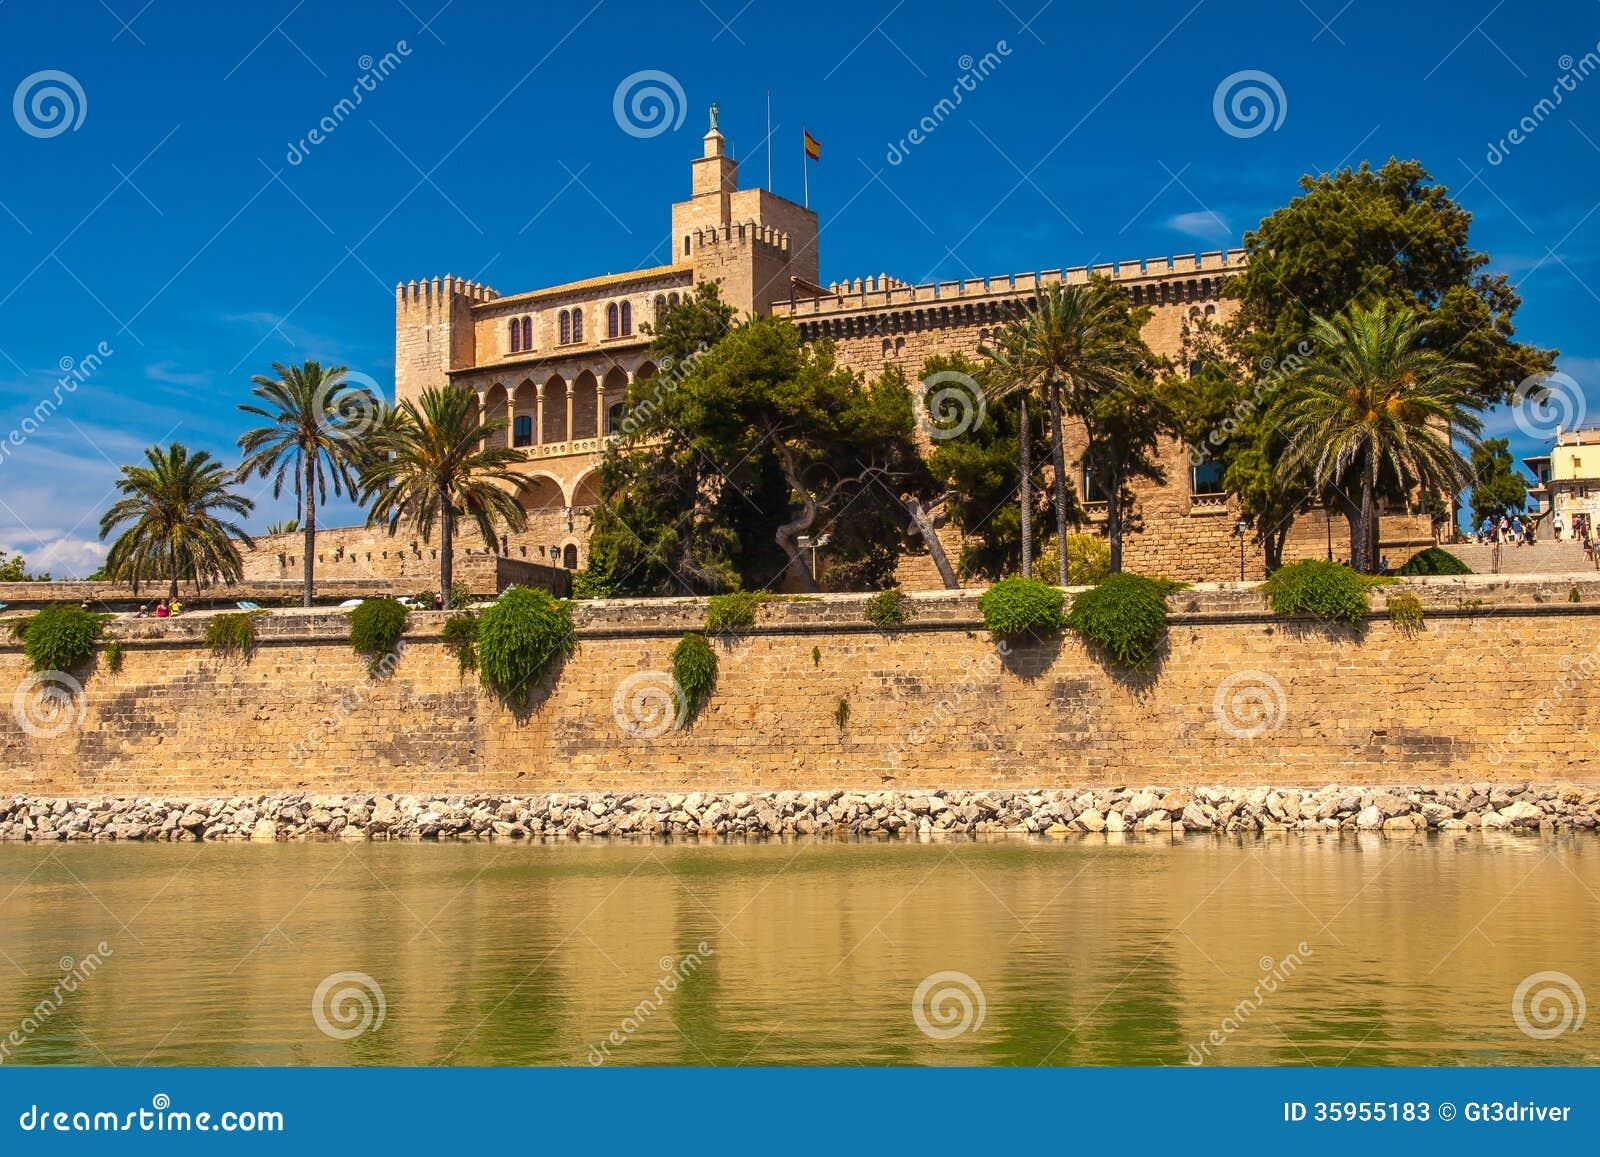 Royal Palace of La Almudaina, Palma de Mallorca